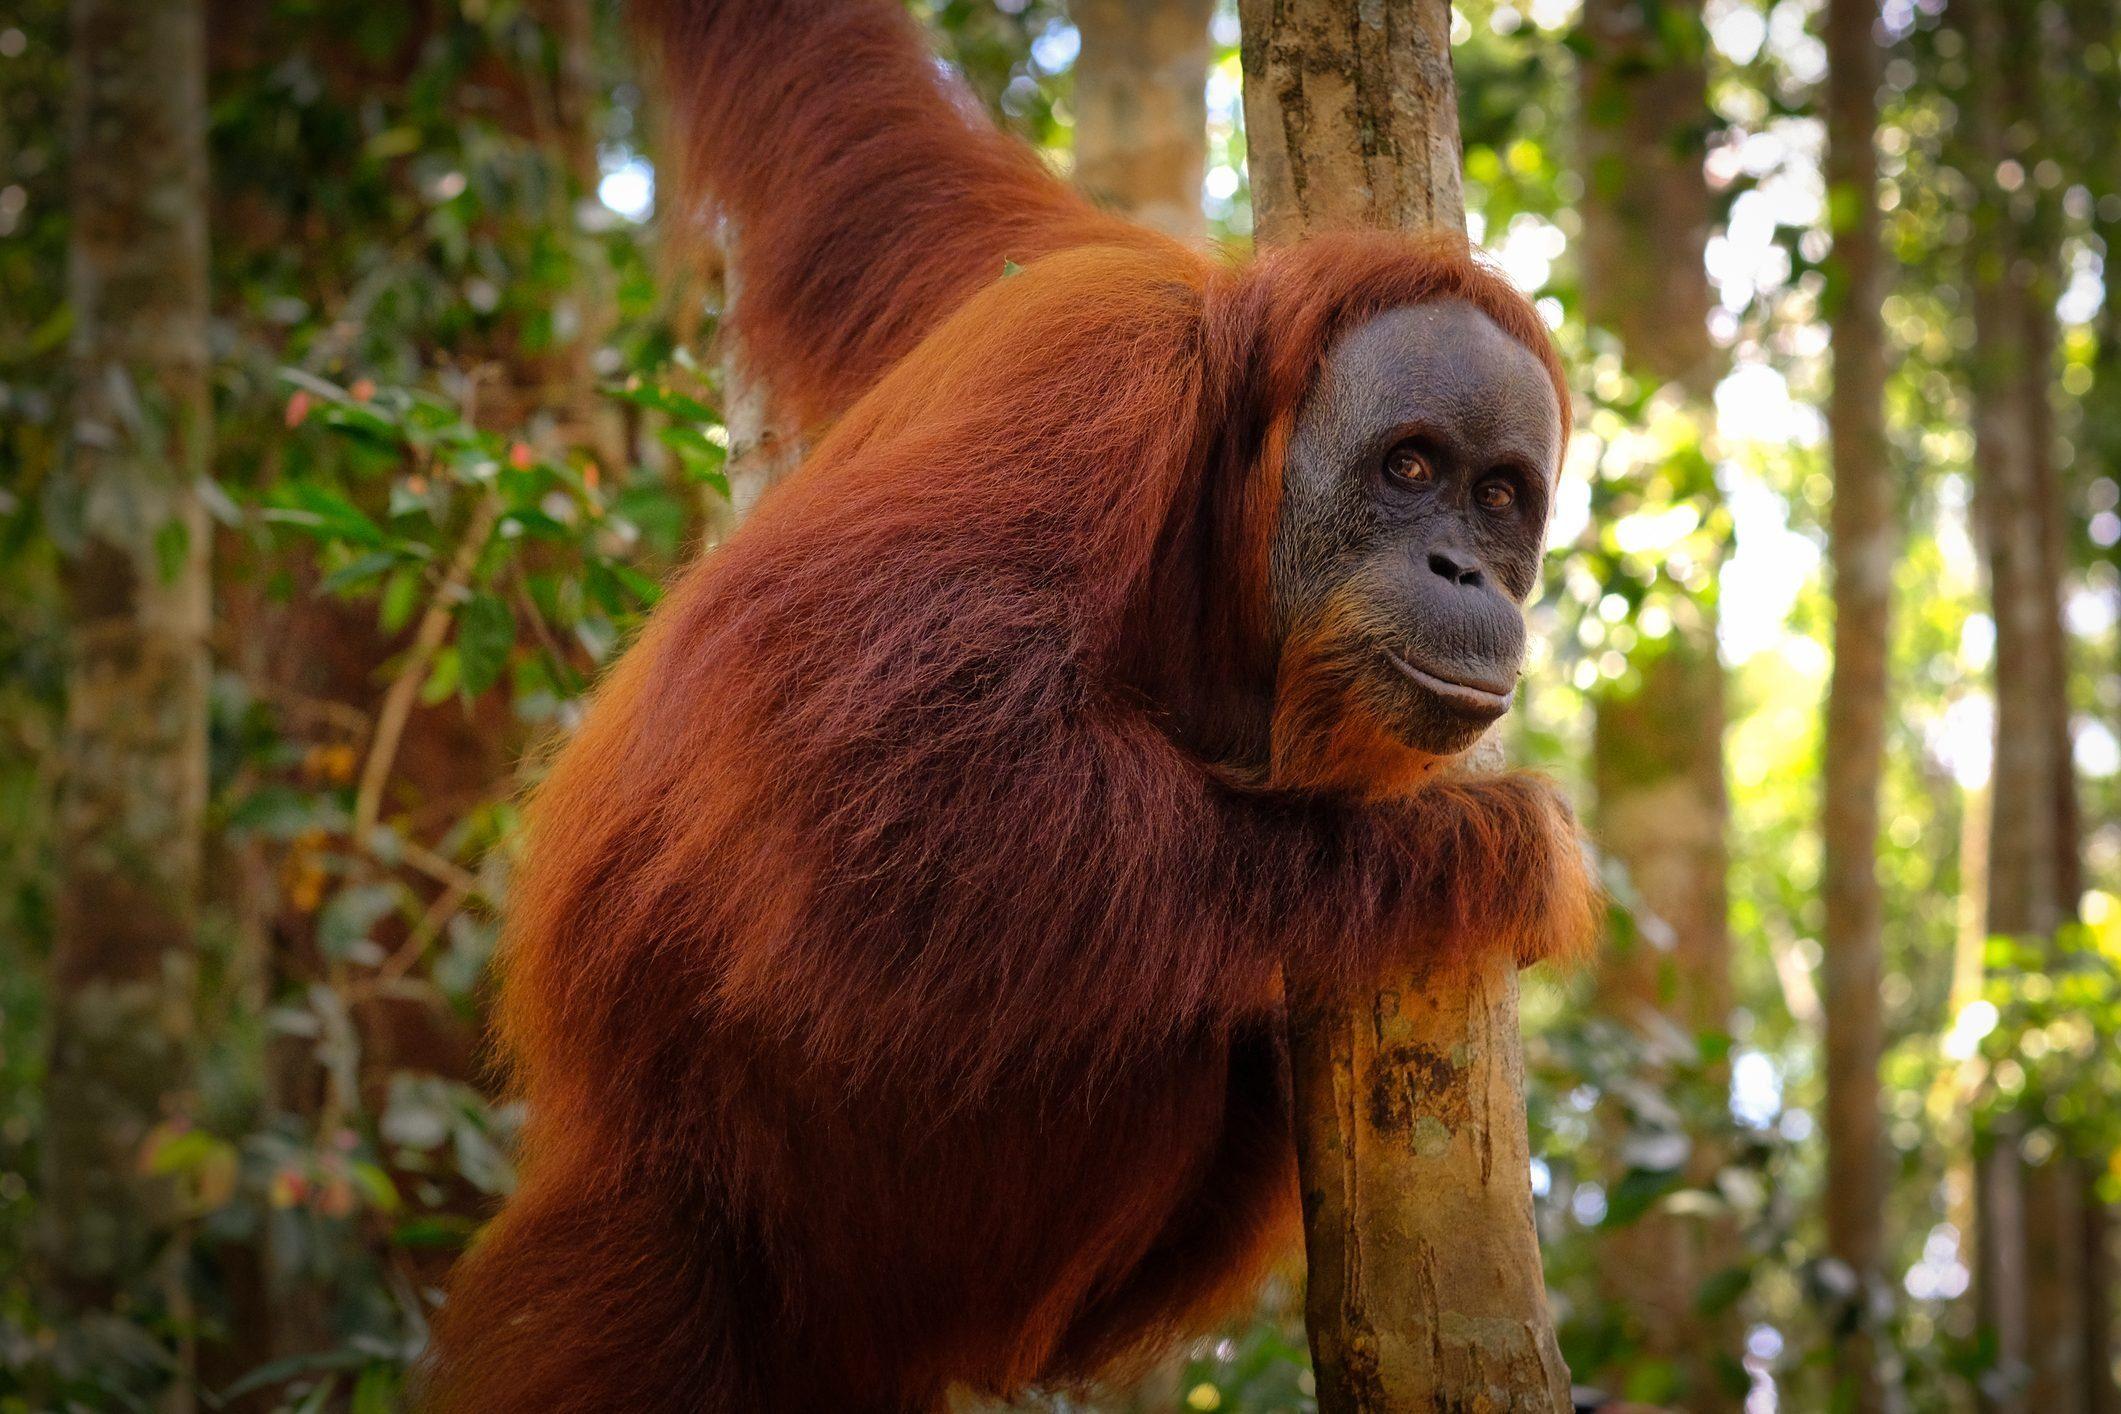 Orangutan posing